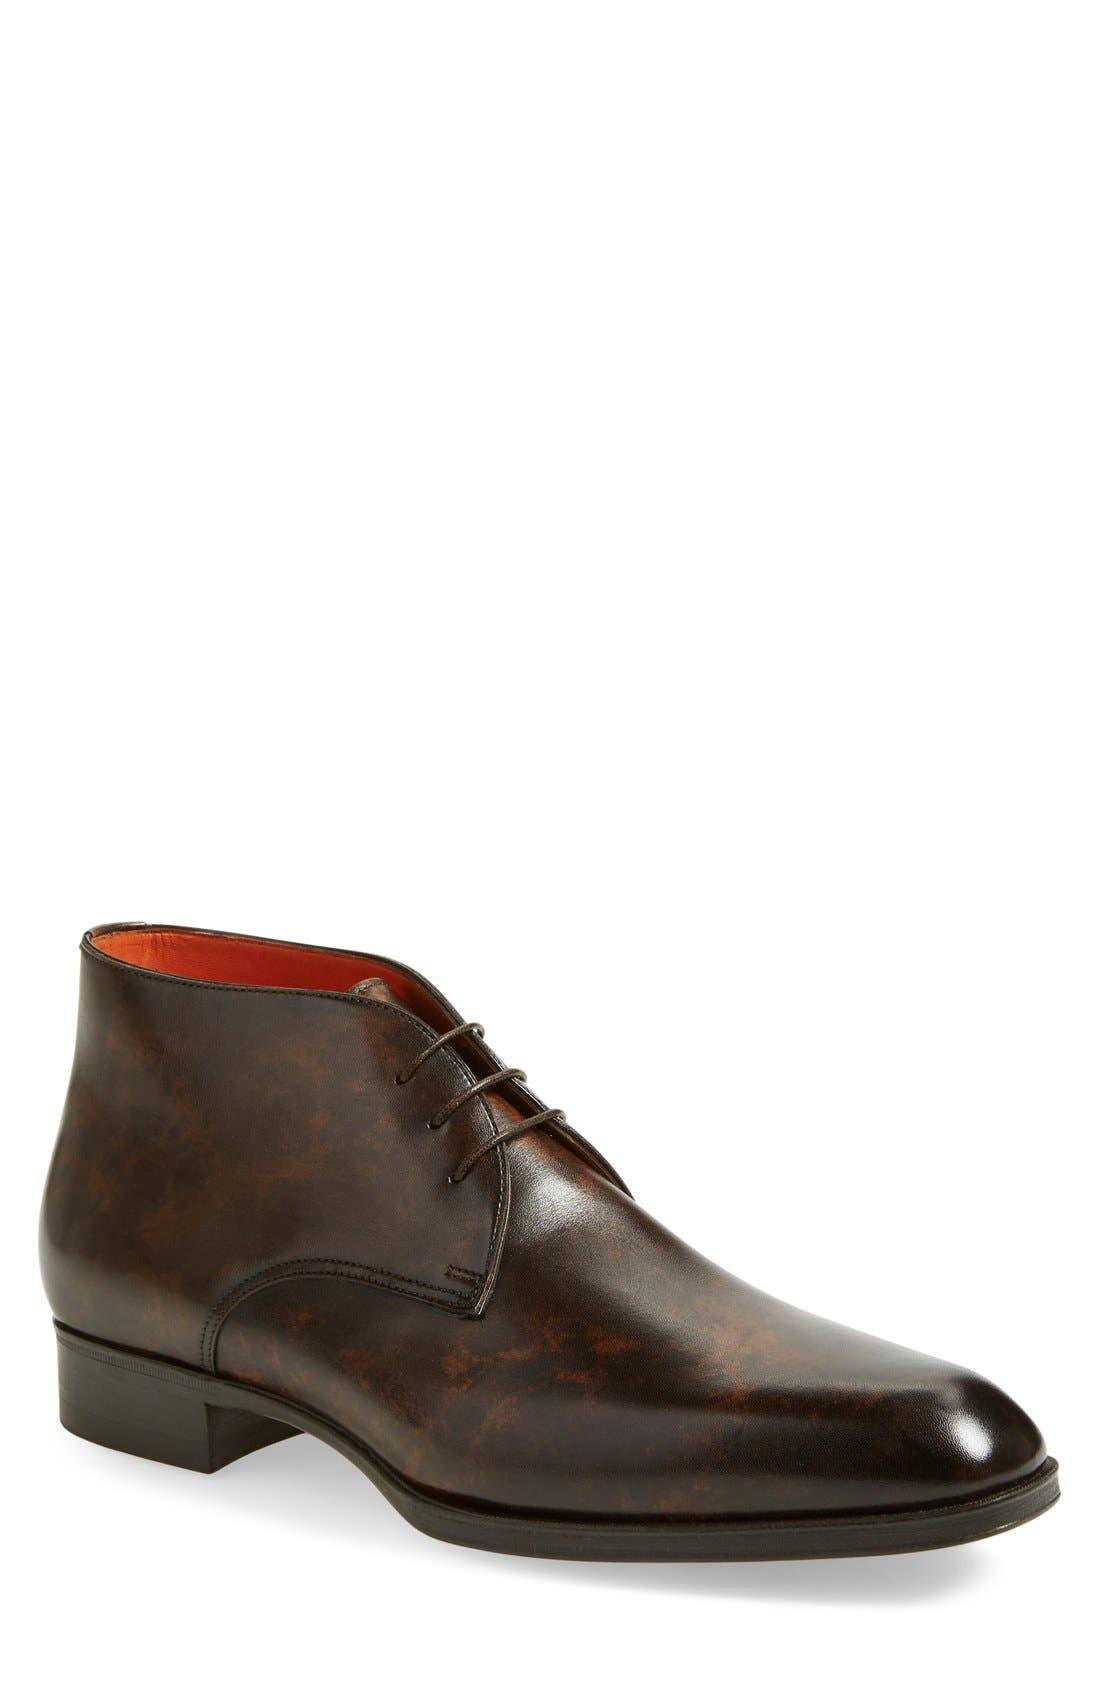 SANTONI 'Andale' Chukka Boot, Main, color, 209